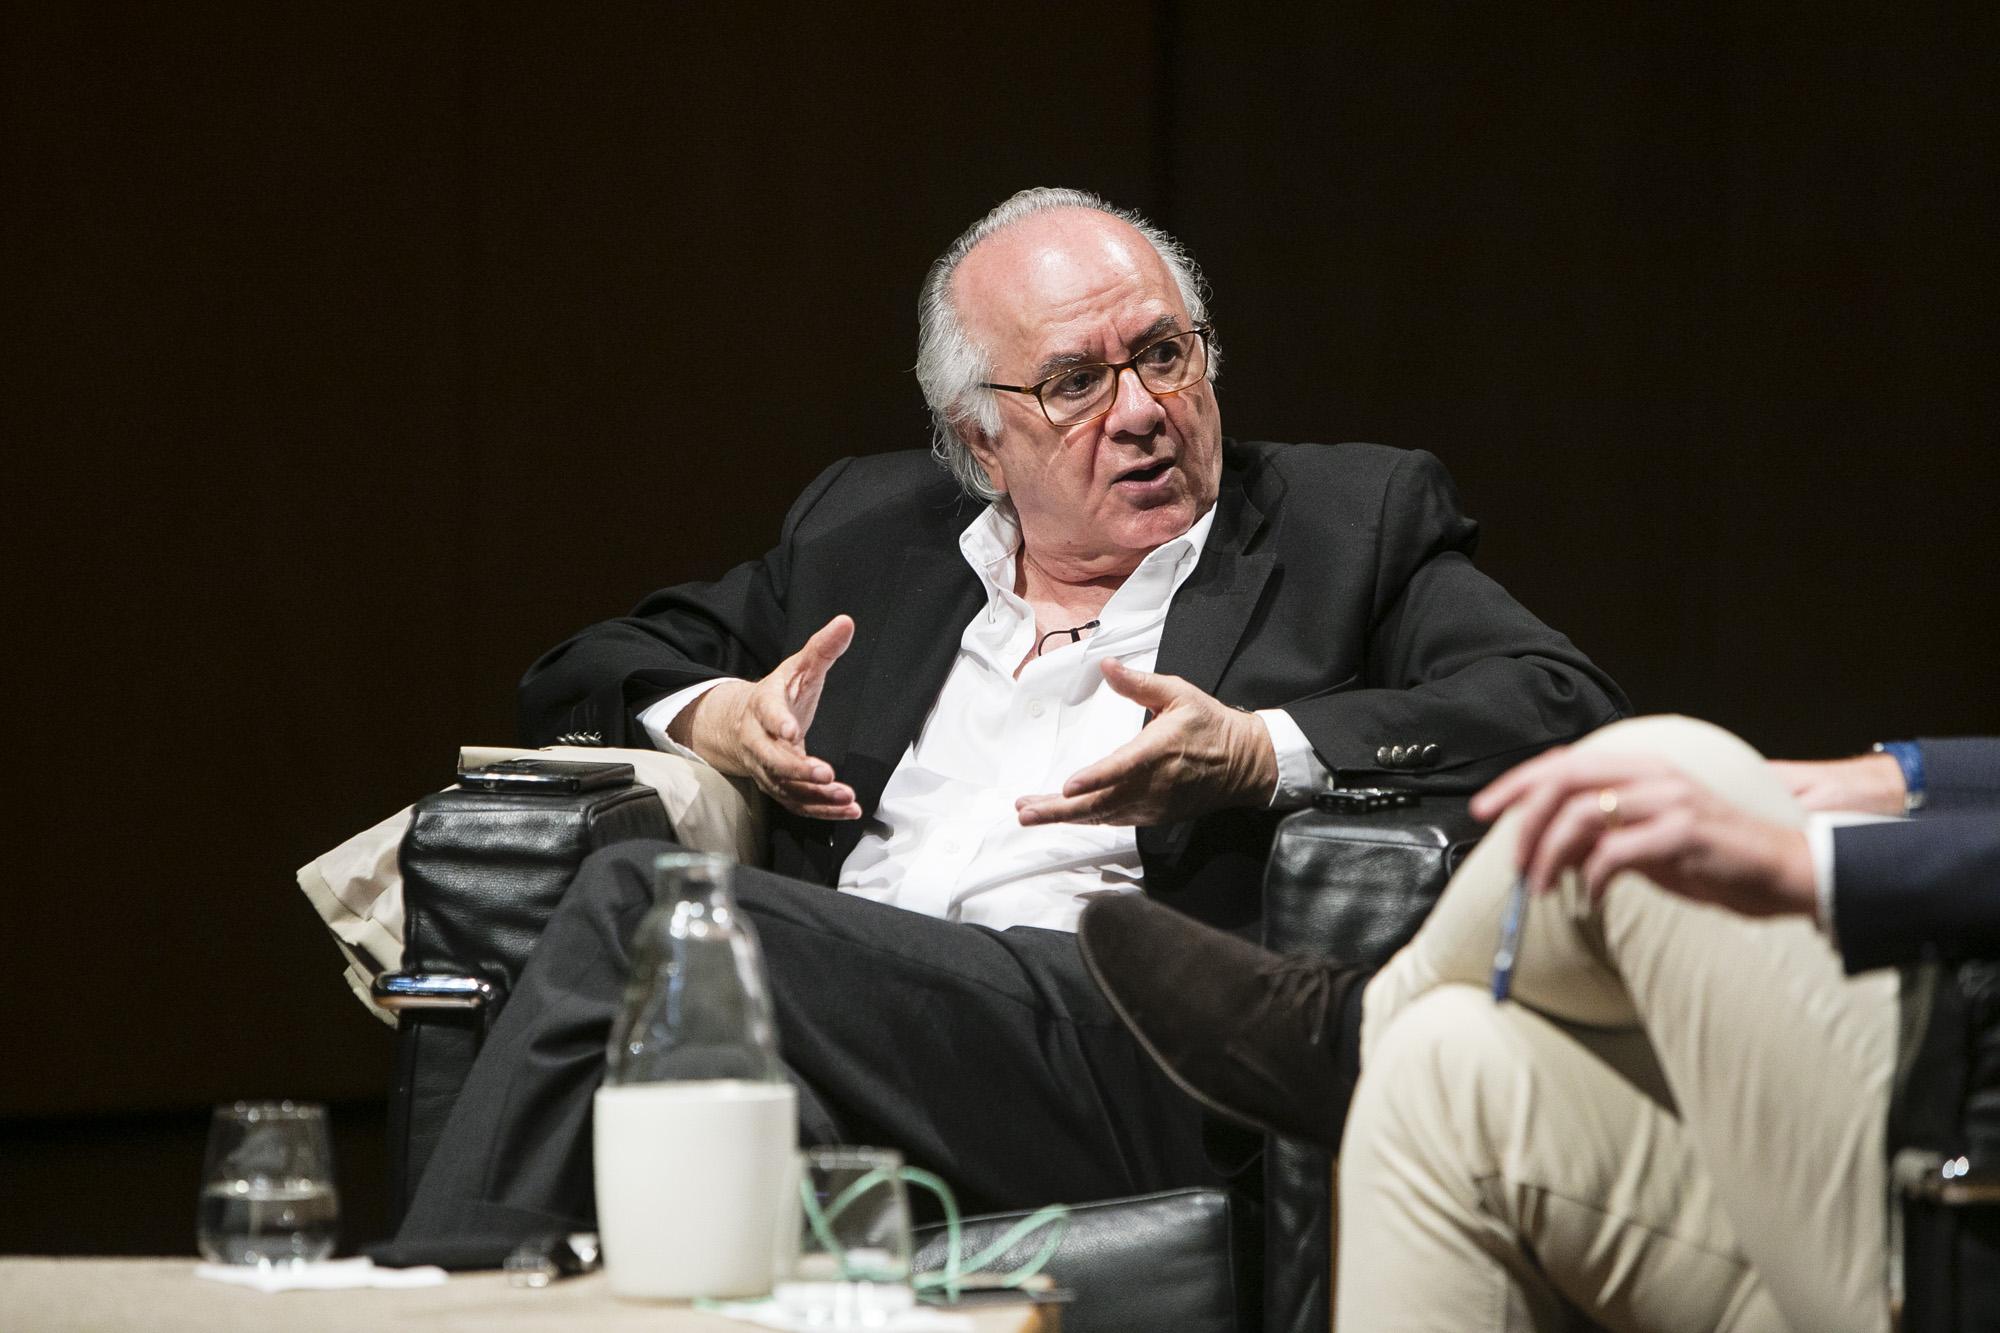 Boaventura de Sousa Santos deu, no Porto, a conferência: ''Estamos num período de Globalização ou Des-globalização?'. Fotografia: Miguel Marques Ribeiro